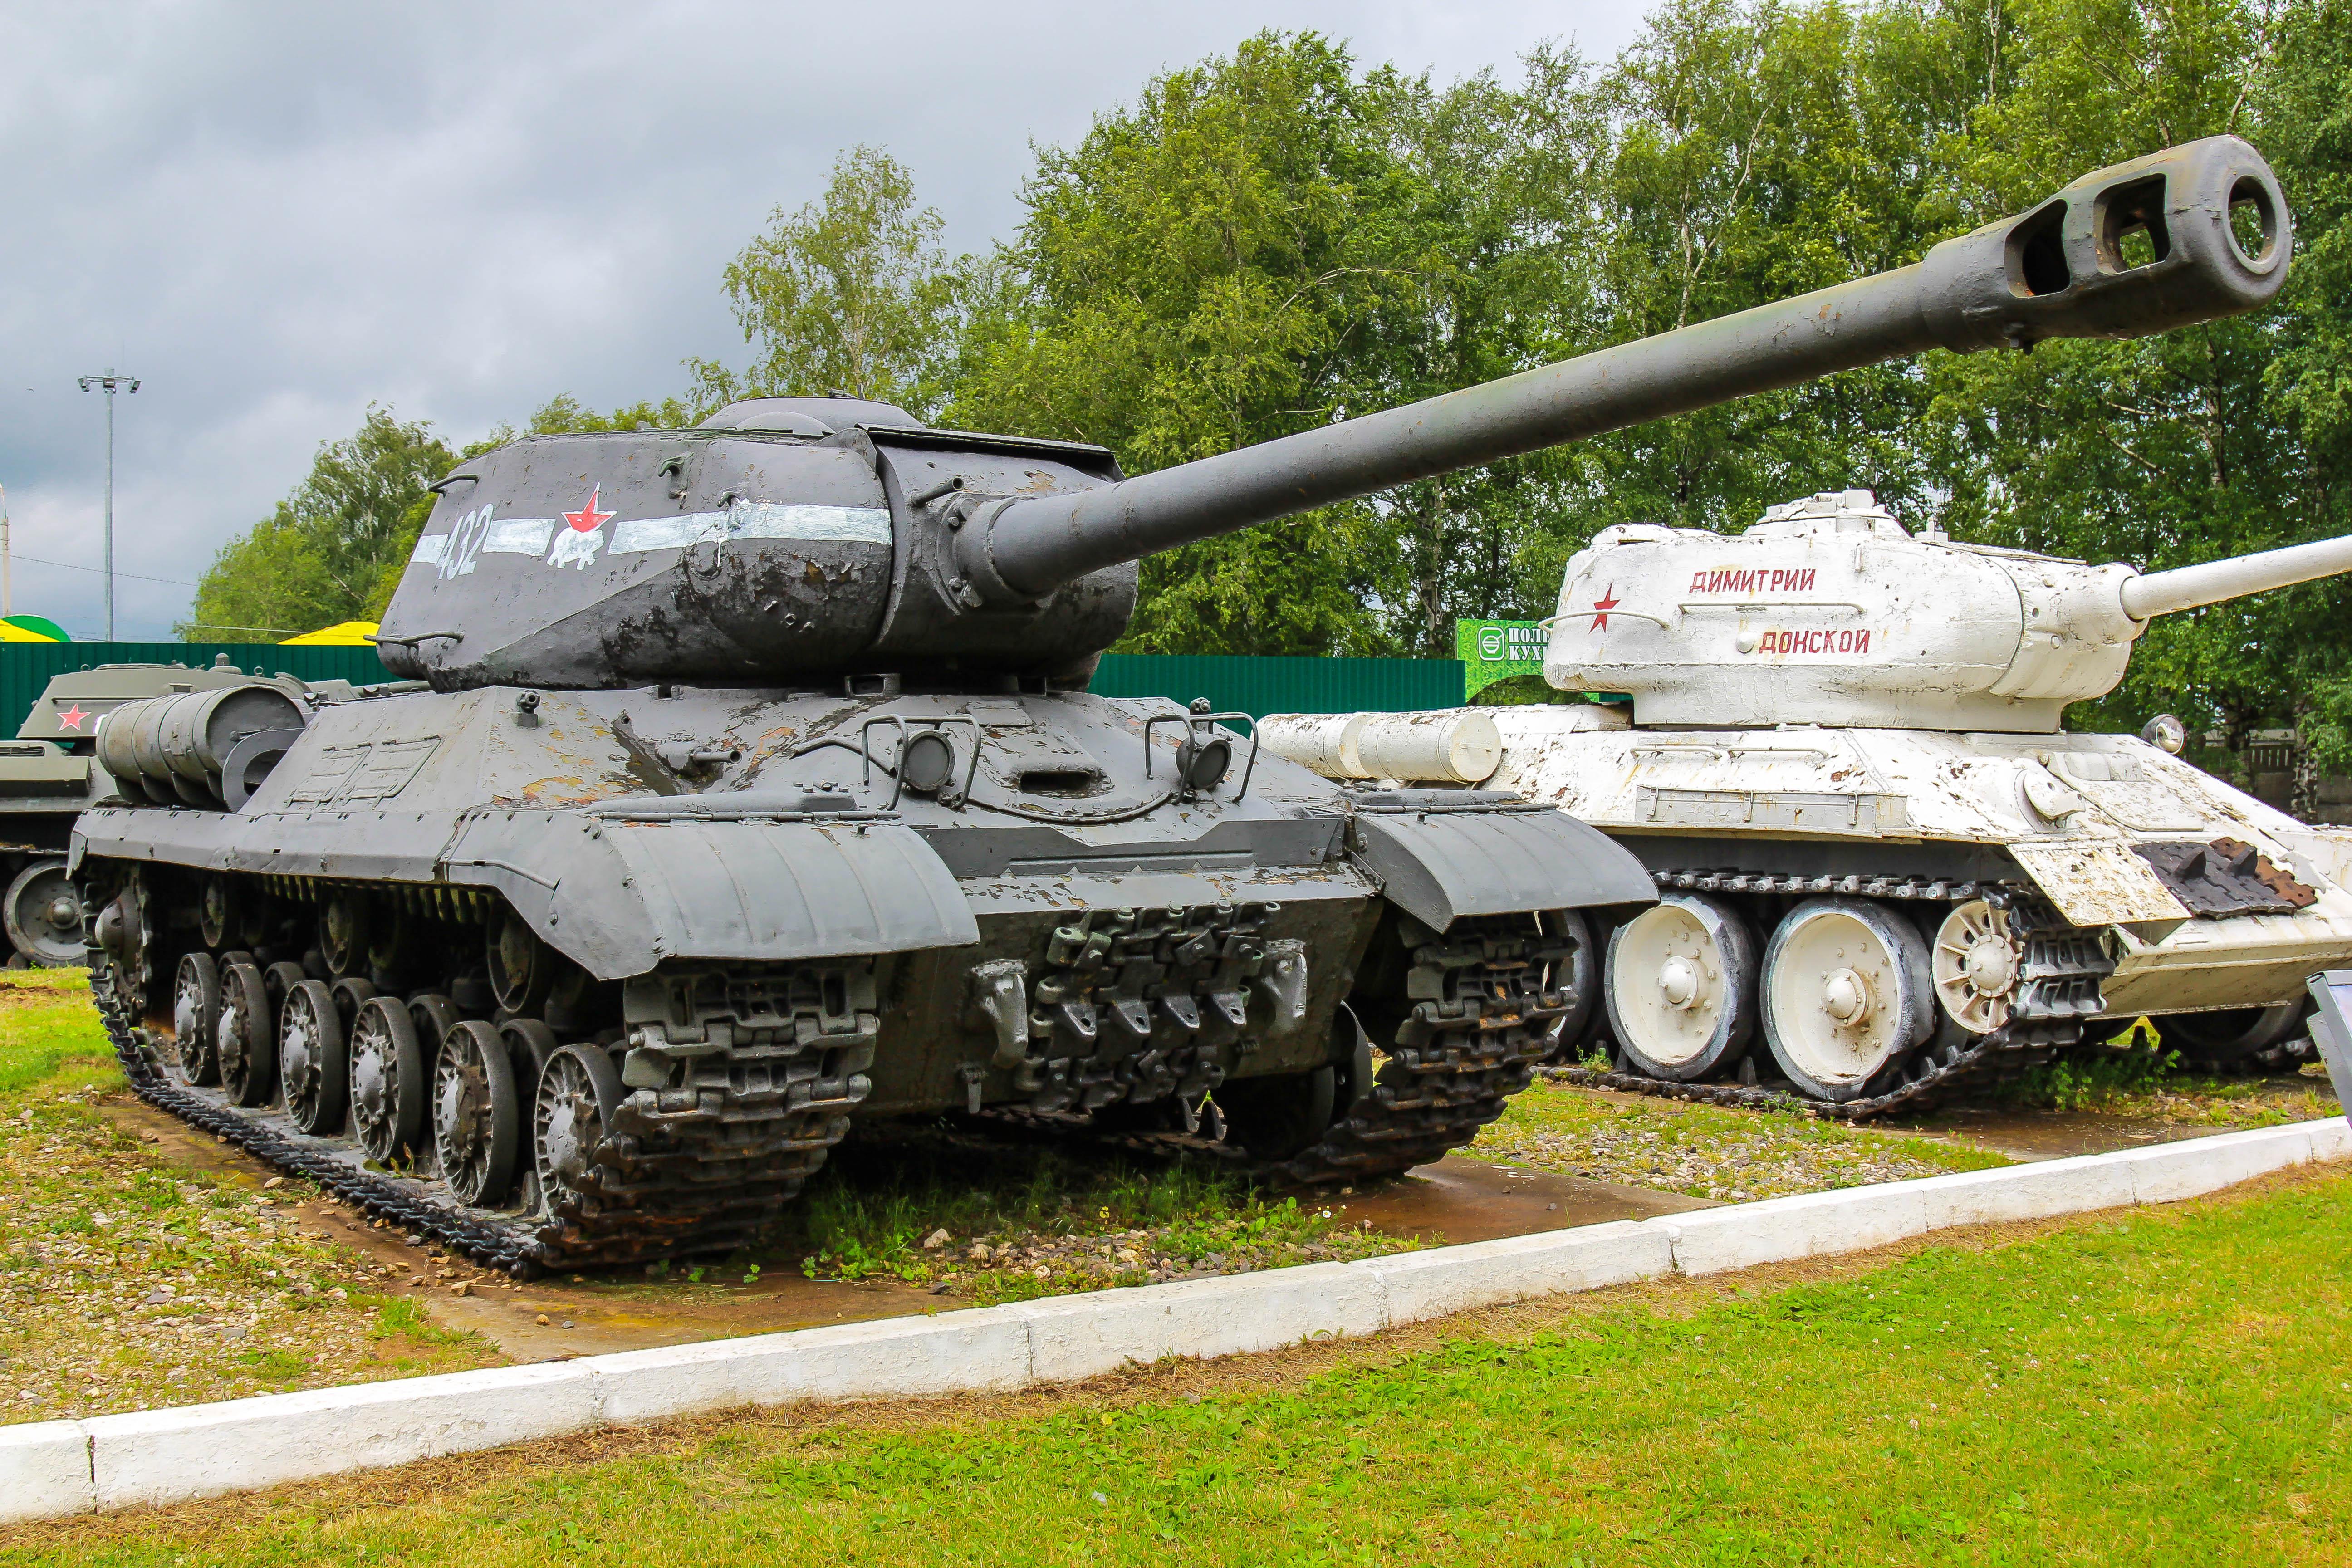 необходимые смотреть картинки танков всех времени фотосессий, которых